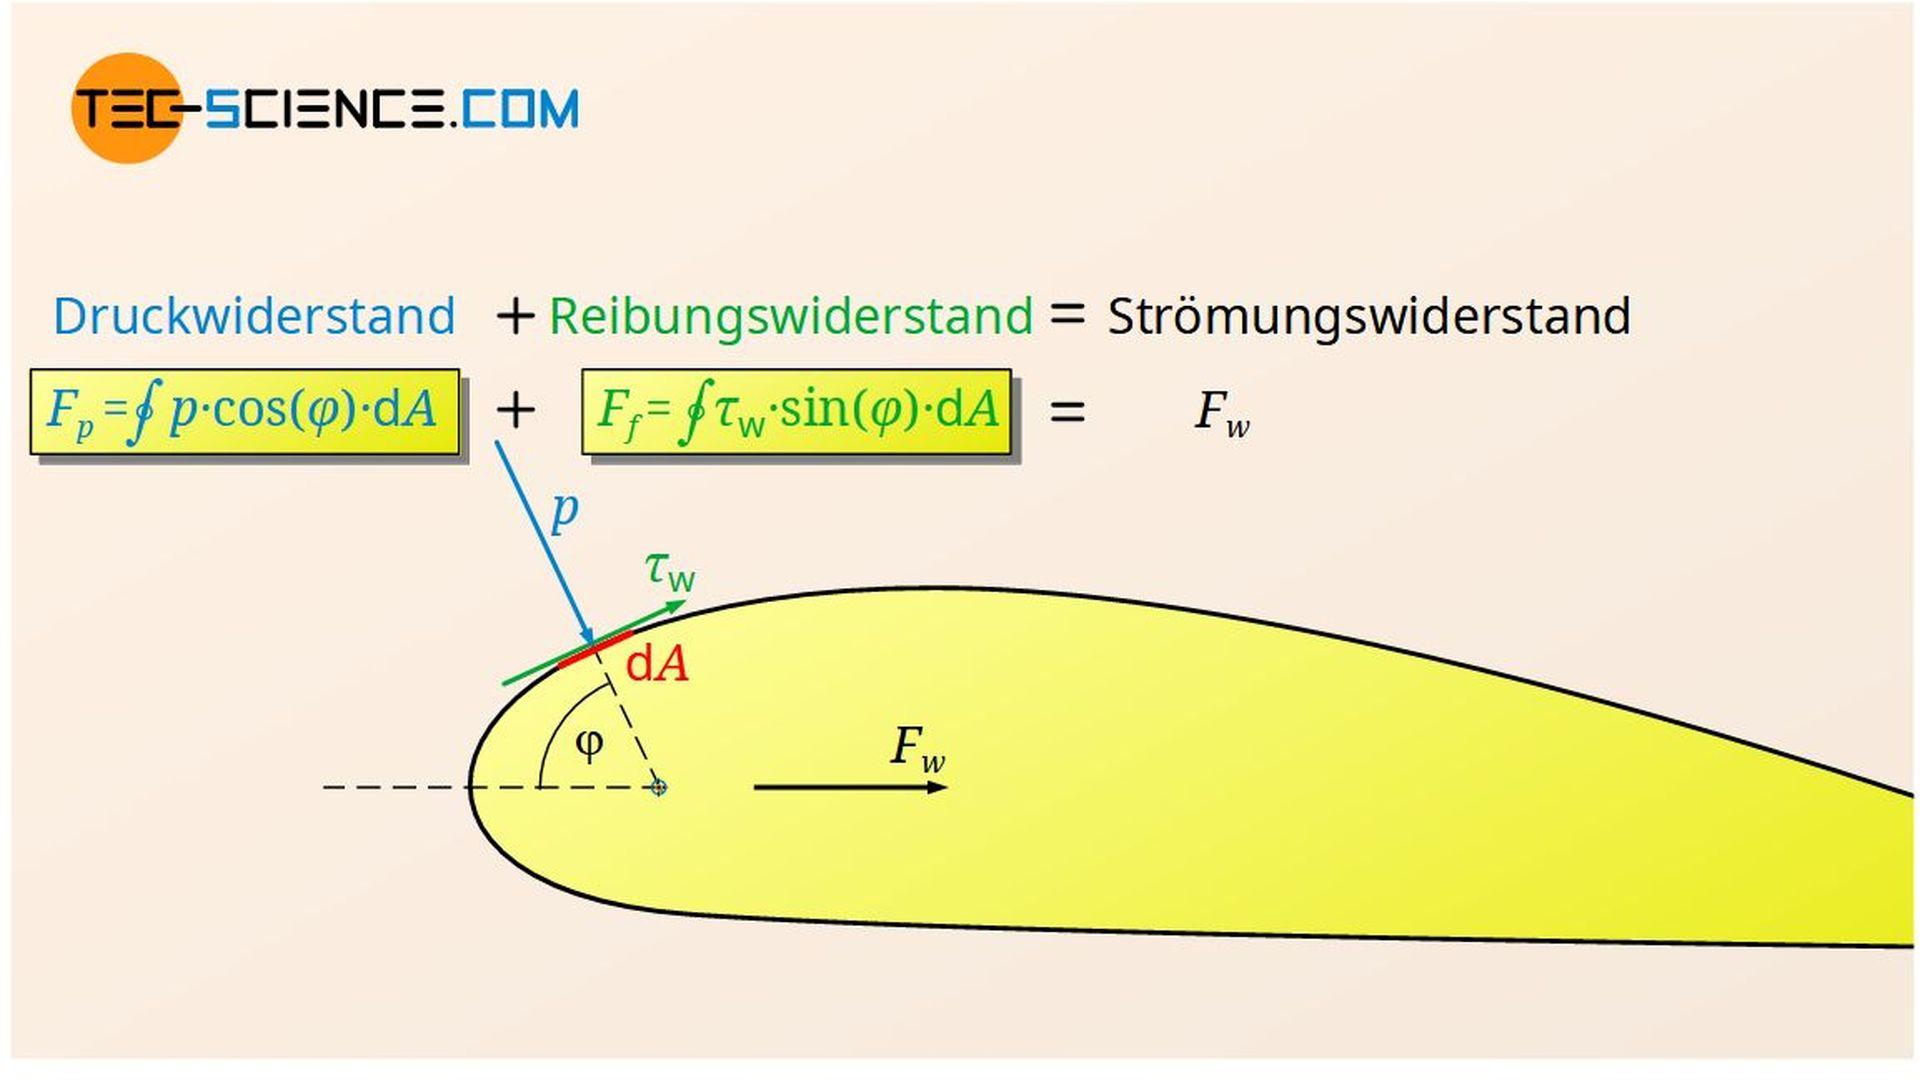 Zusammenhang zwischen Strömungswiderstand, Druckwiderstand und Reibungswiderstand